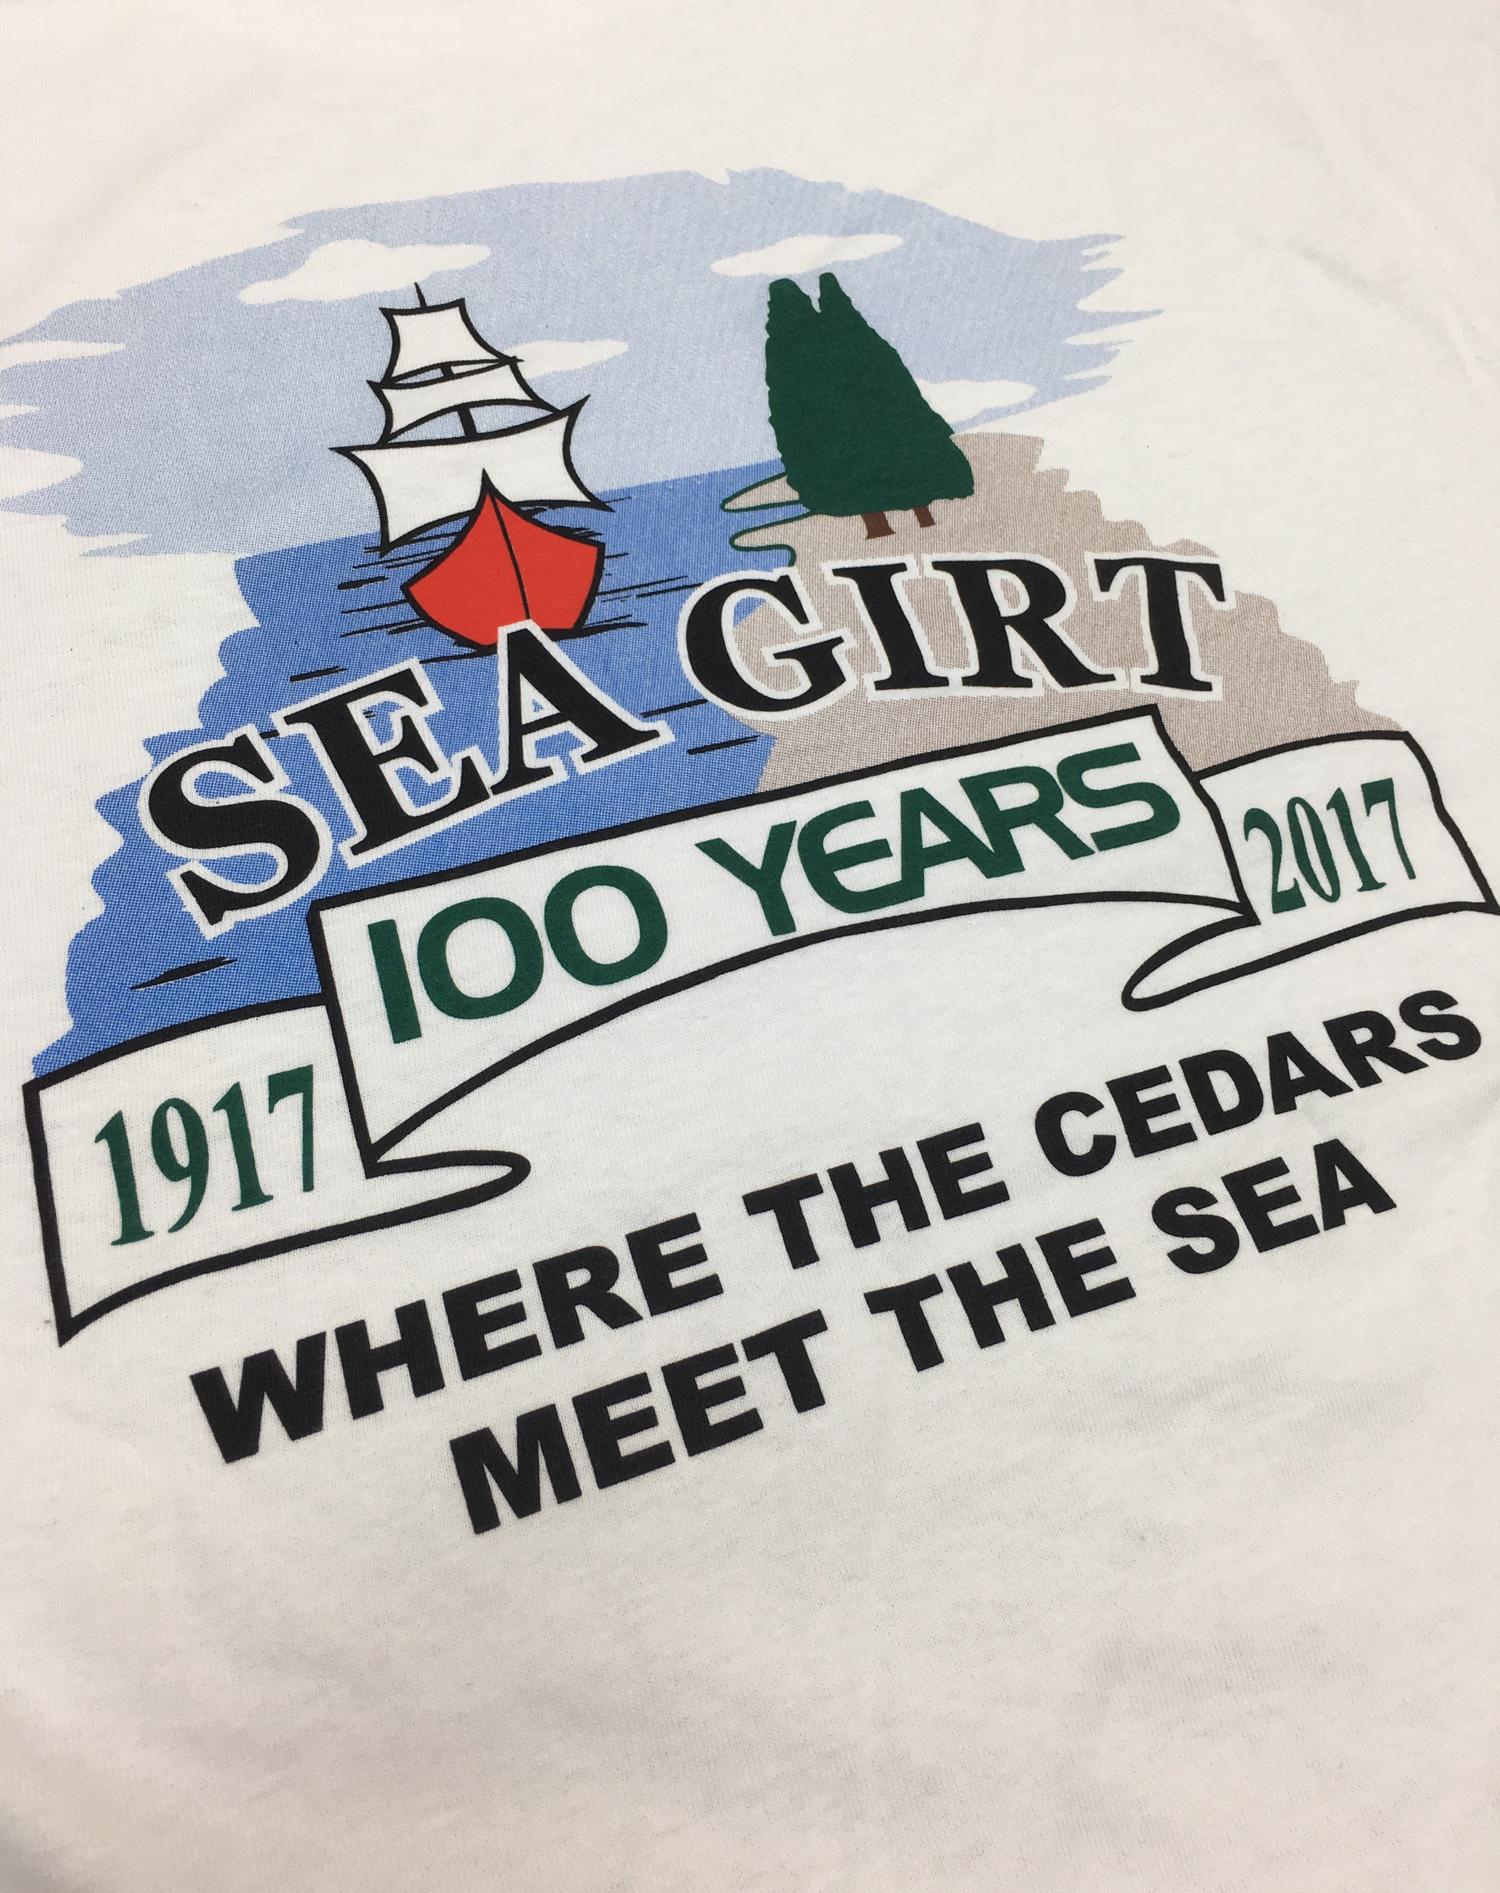 sea-girt-centennial-logo-2017.png